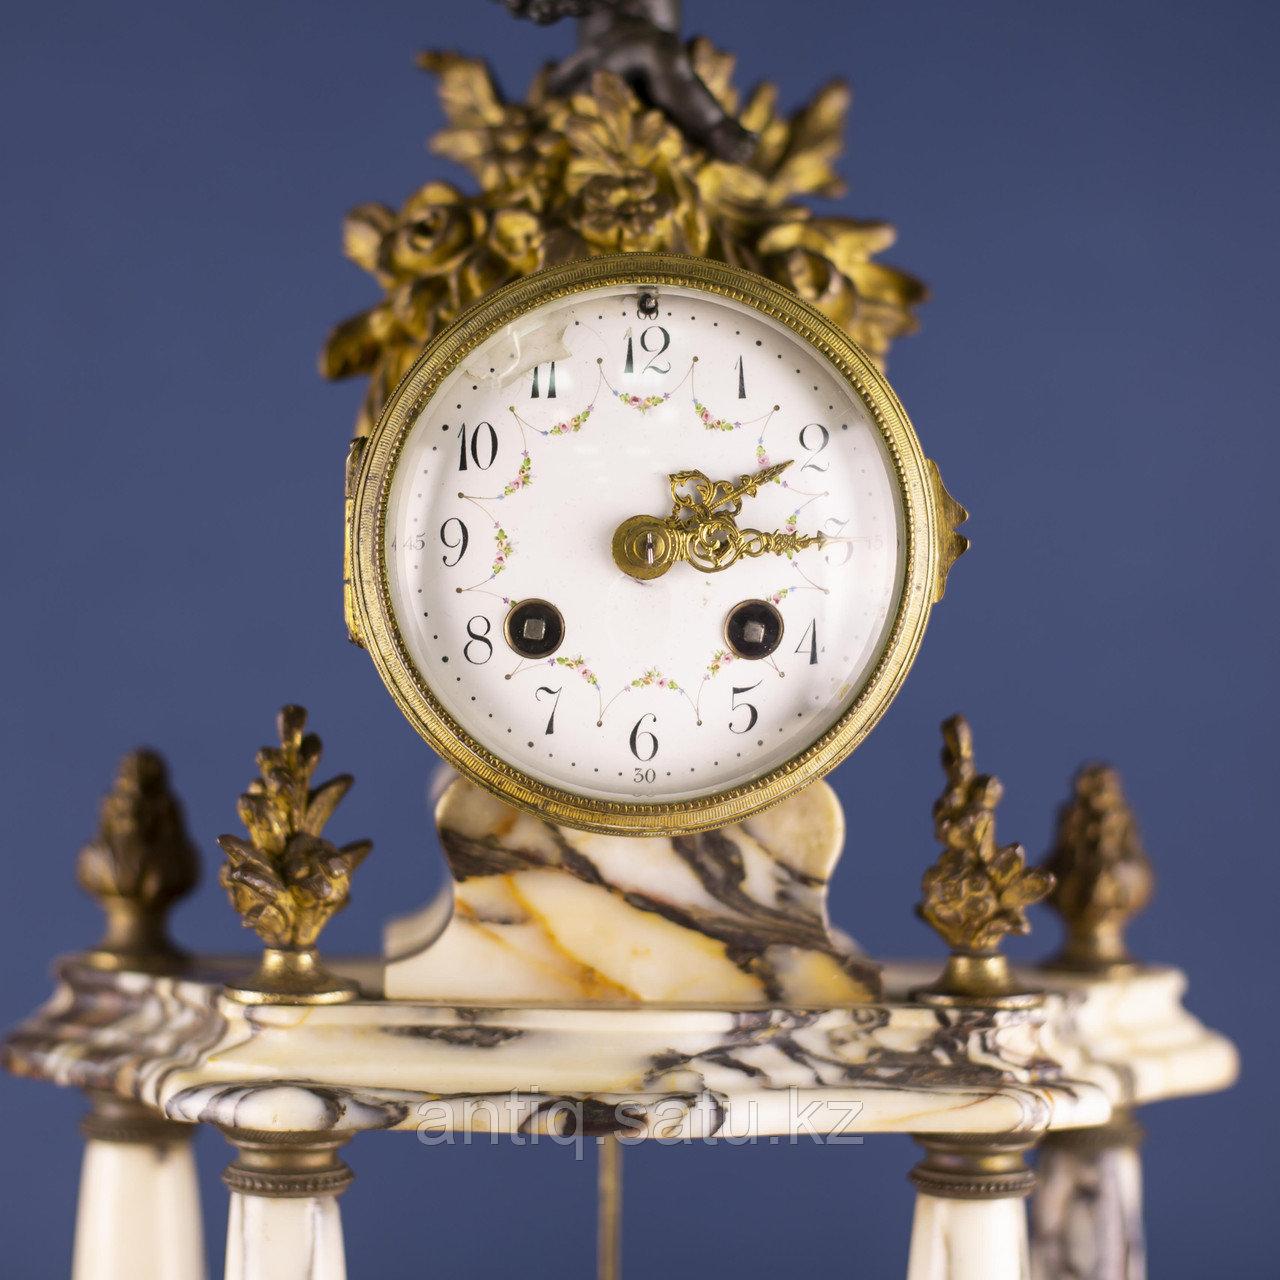 Кабинетный часовой гарнитур в стиле Людовика XVI Франция. II половина XIX века - фото 8